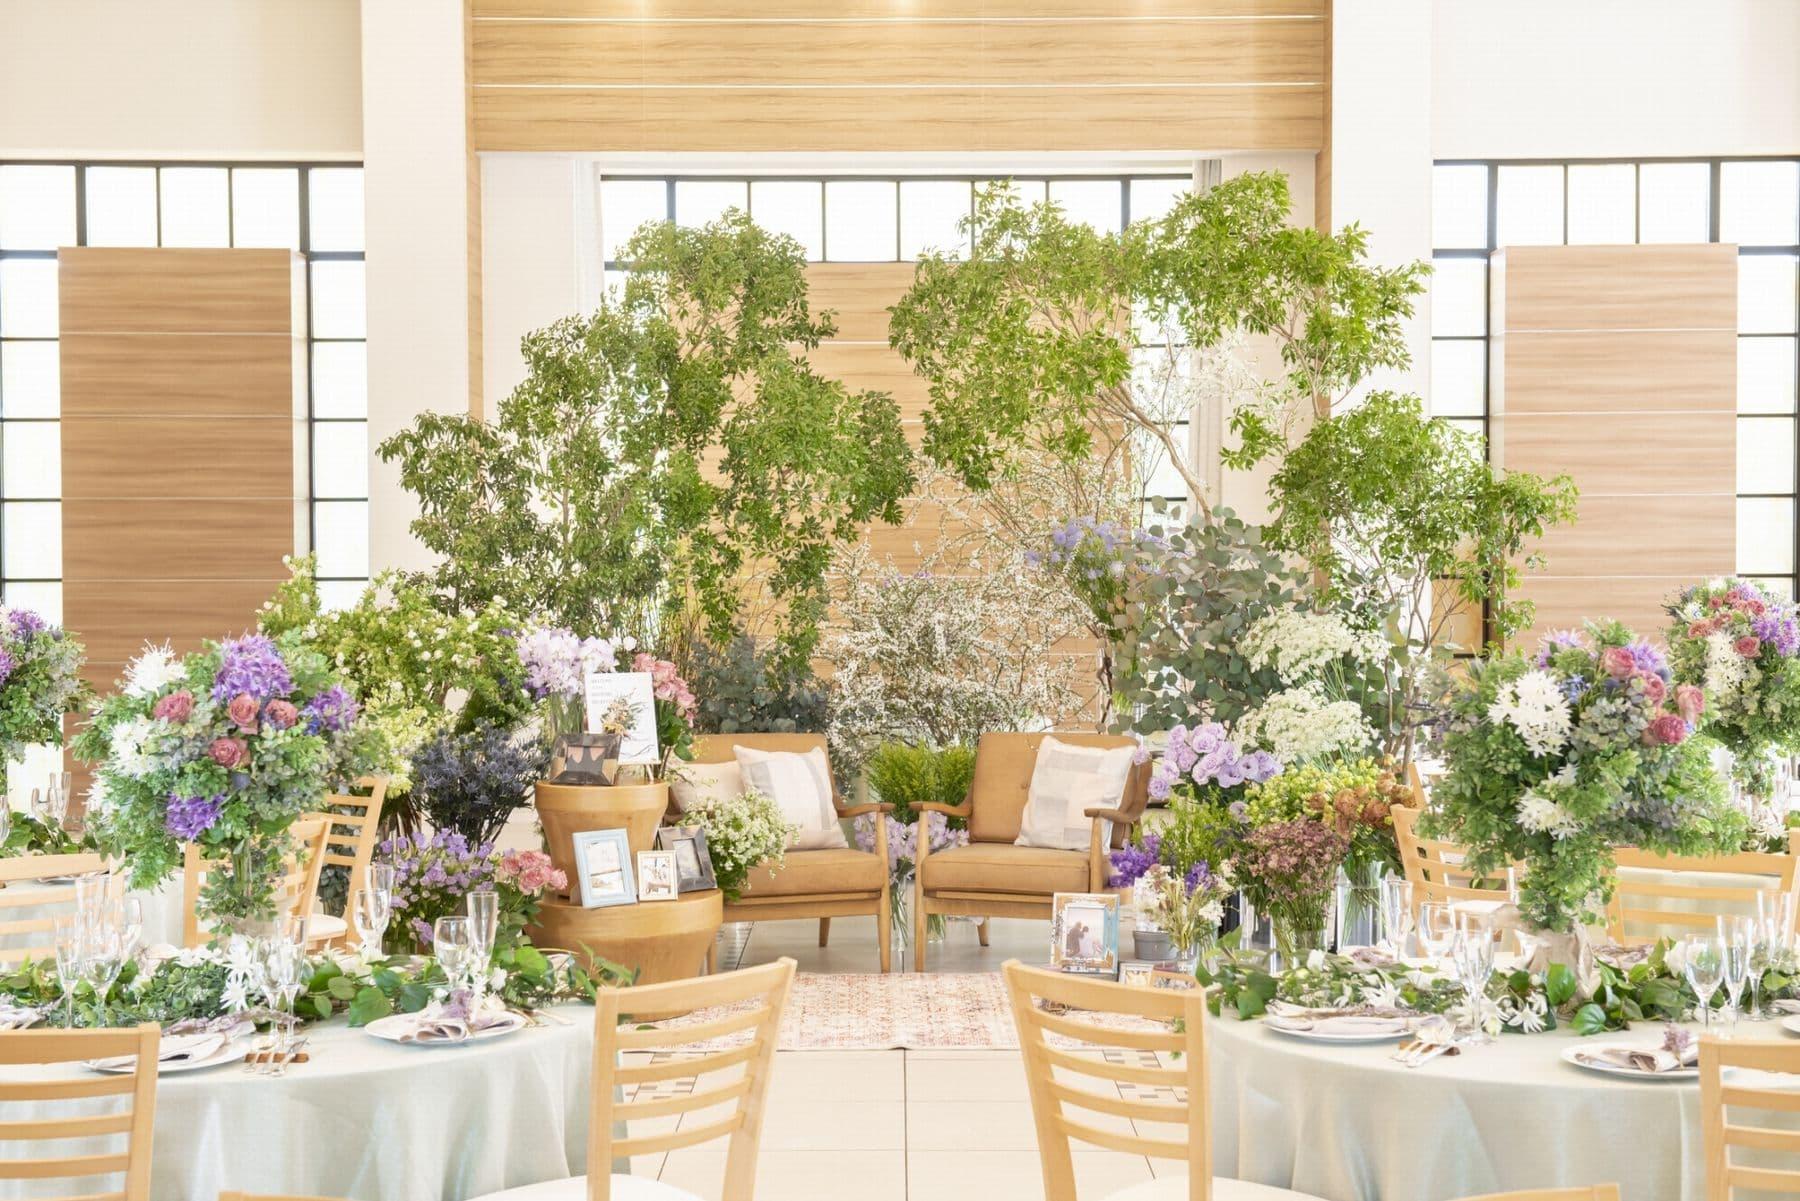 香川県の結婚式場シェルエメール&アイスタイルのナチュラルなソファ席のコーディネート